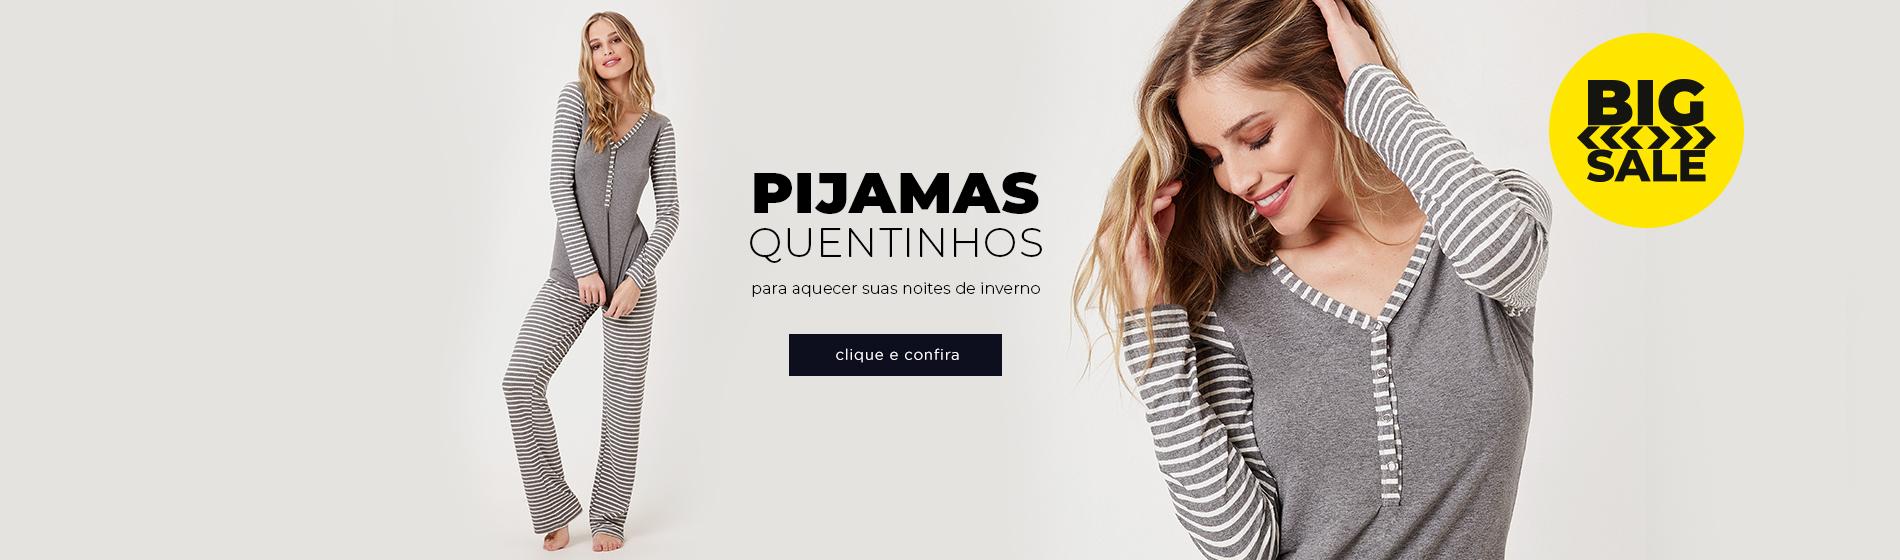 Pijamas Quentinhos